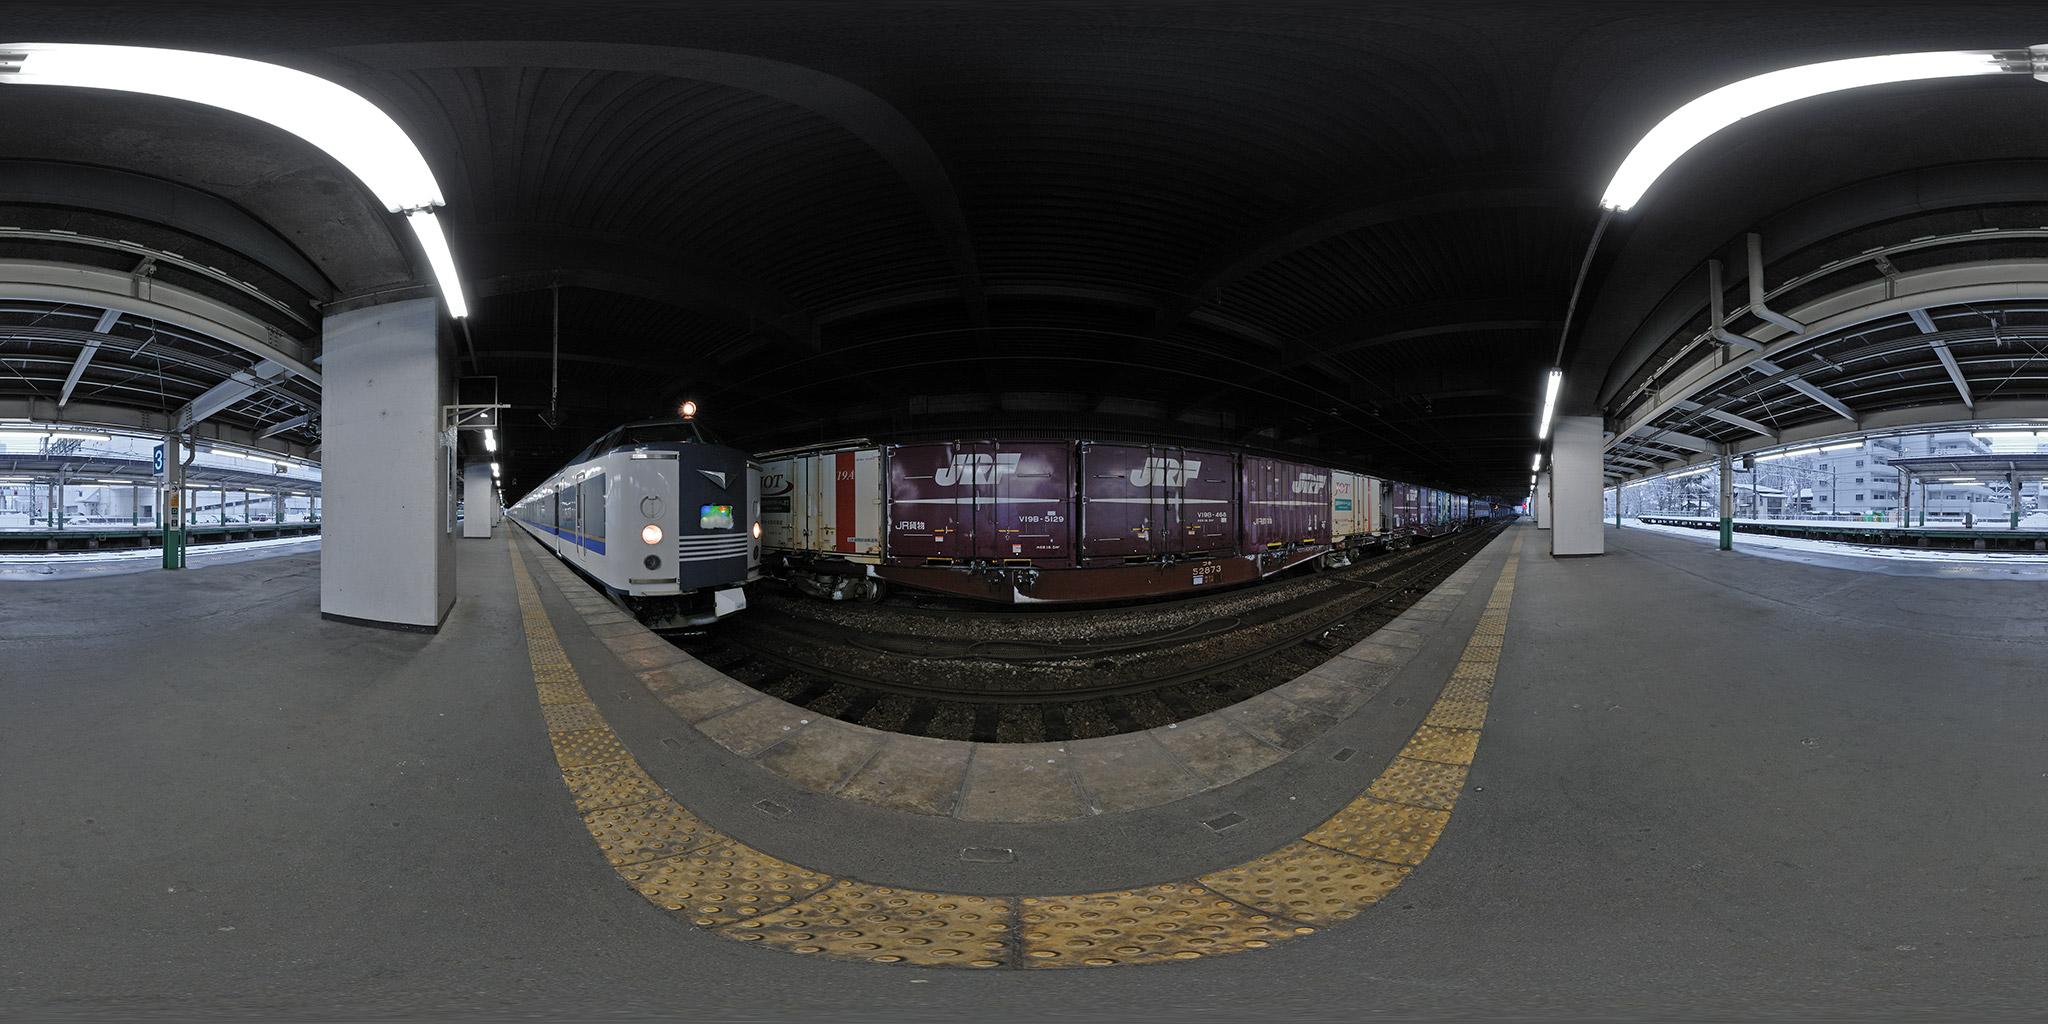 長岡駅に停車中の急行きたぐに